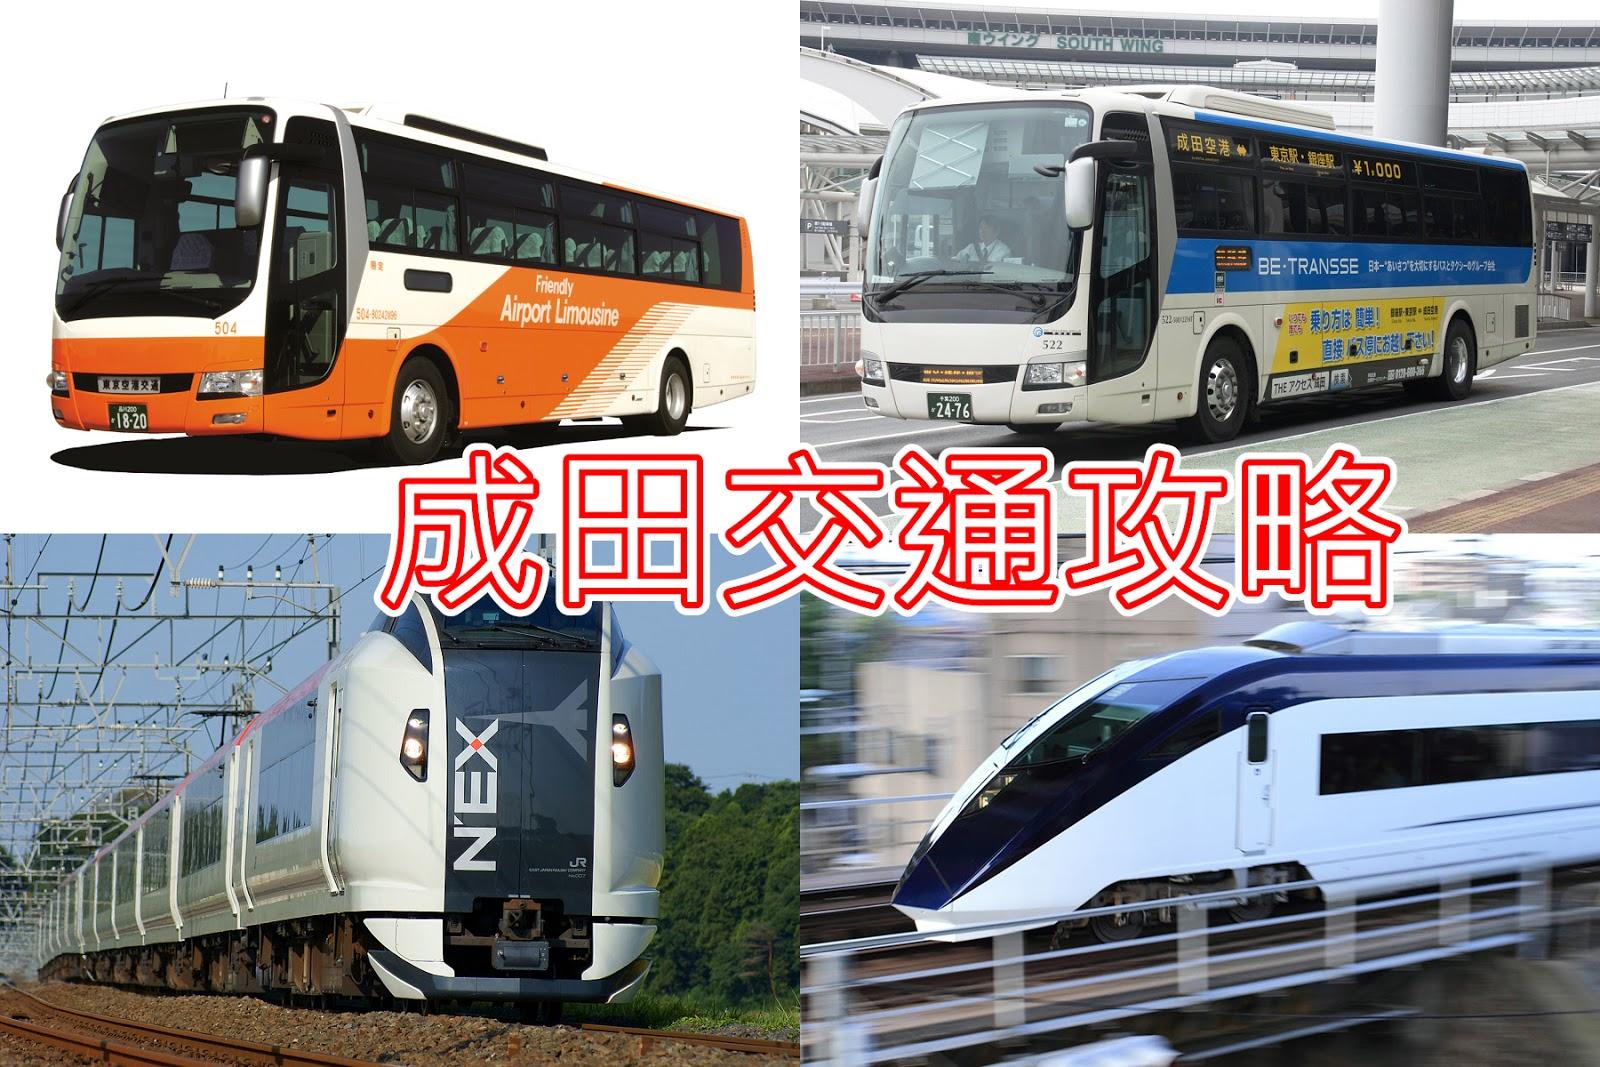 成田機場往返 交通攻略!千Yen巴士 NEX特快 Skyliner Access 特急